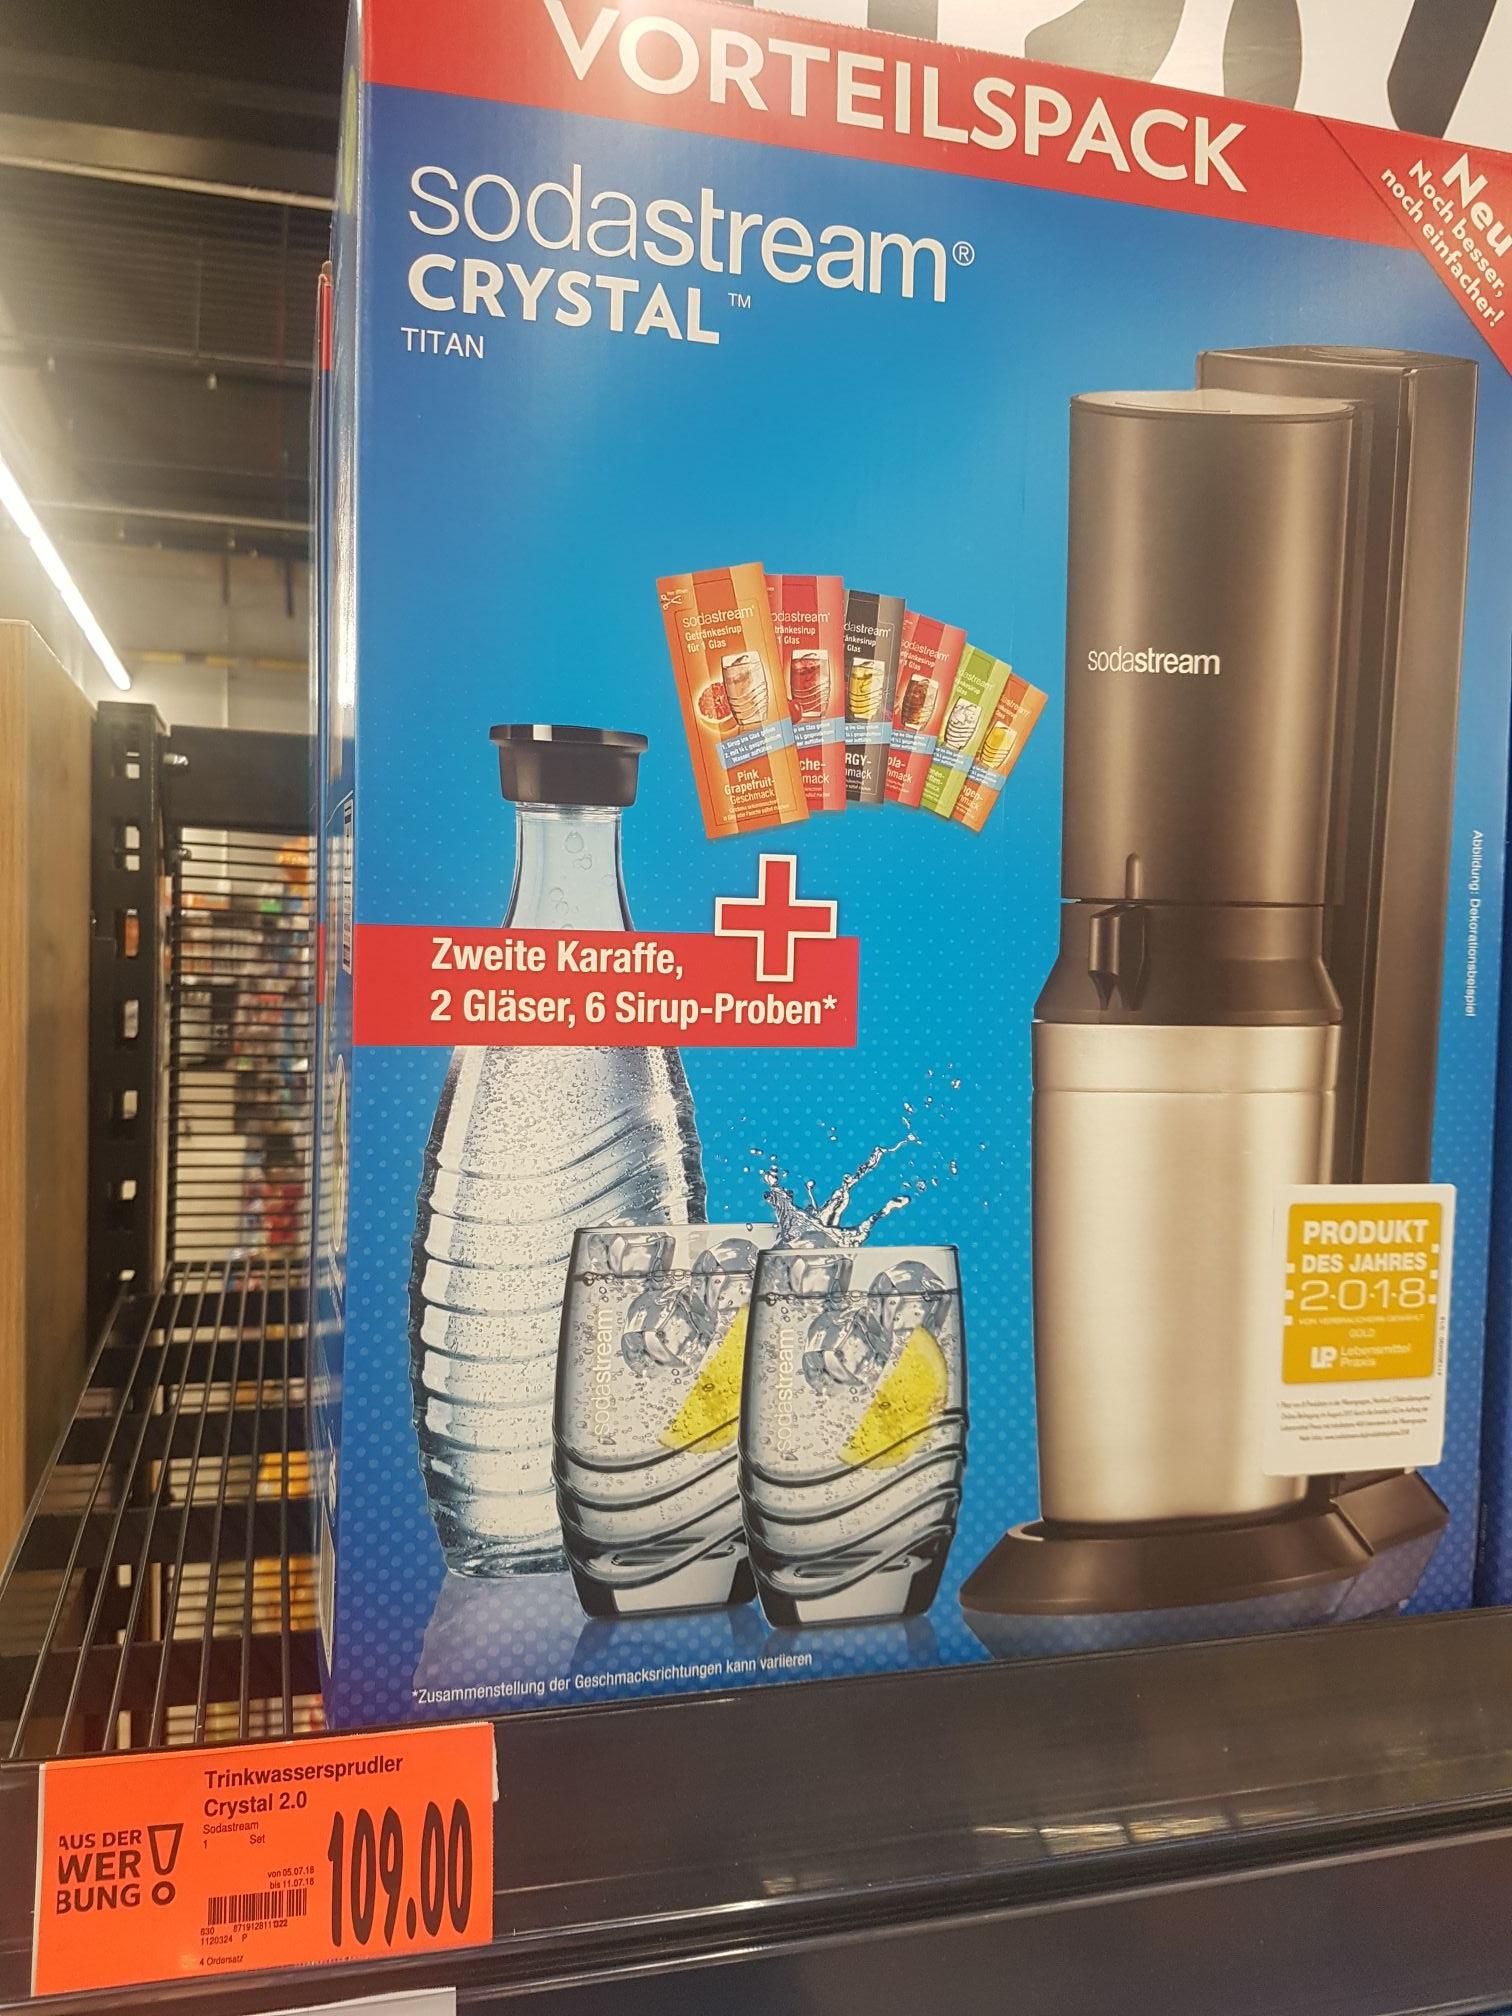 Sodastream Crystal (Vorteilspack)